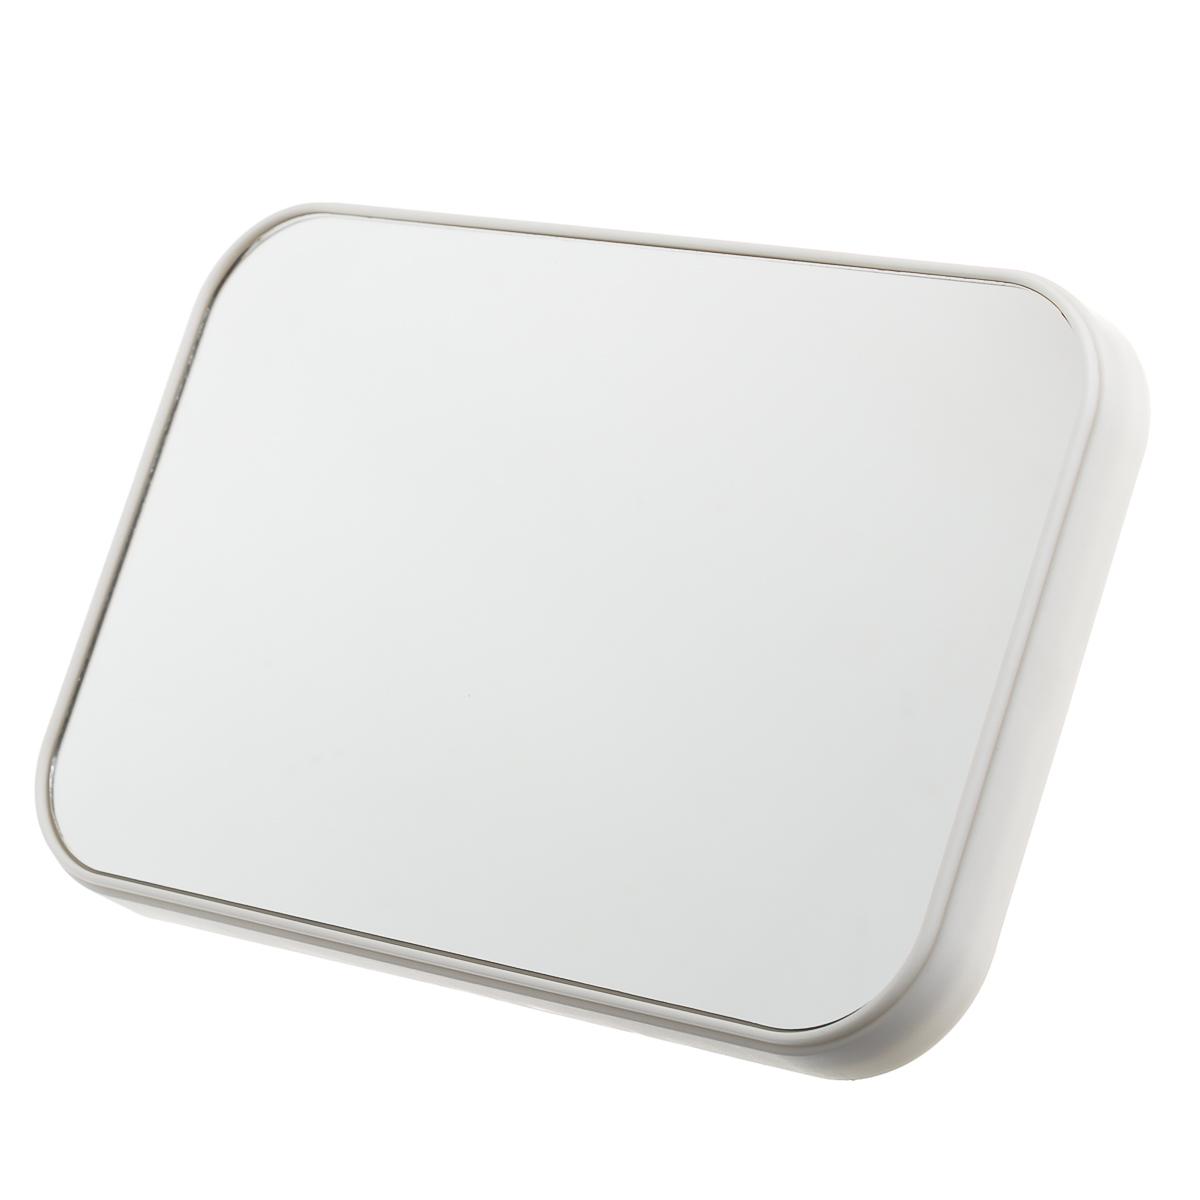 Зеркало прямоугольное на подставке